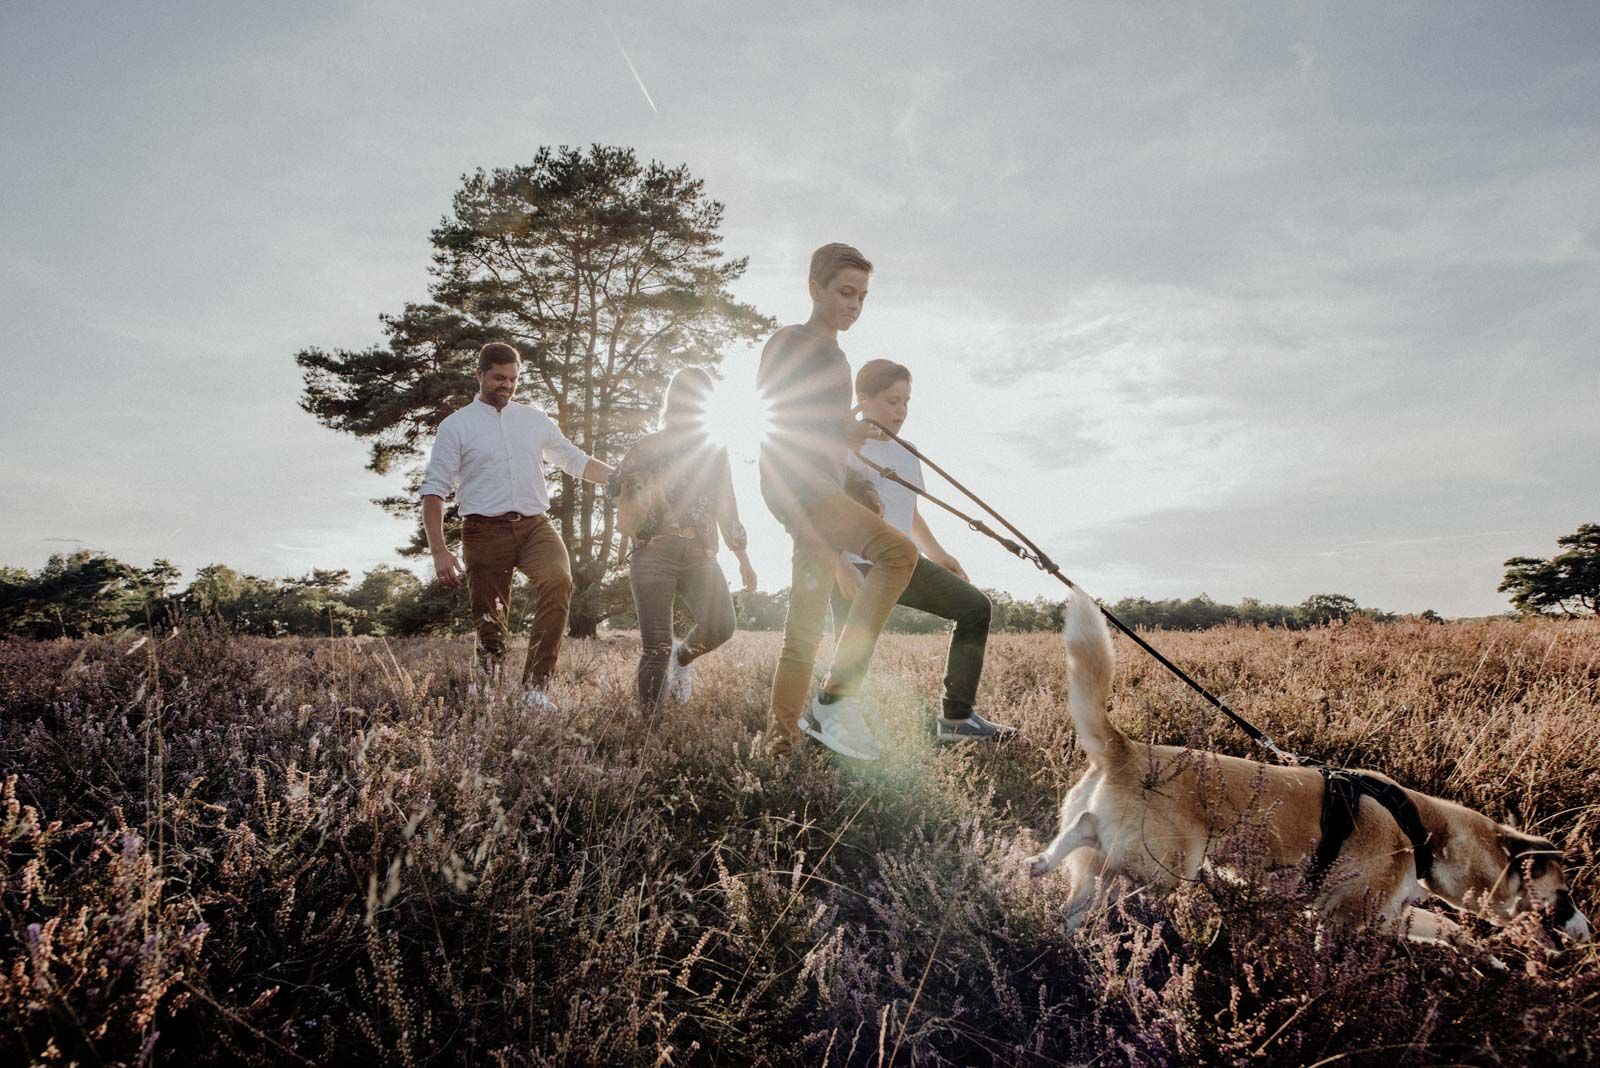 008-Familienfotos-Familienreportage-Heideshooting-natürlich-Heide